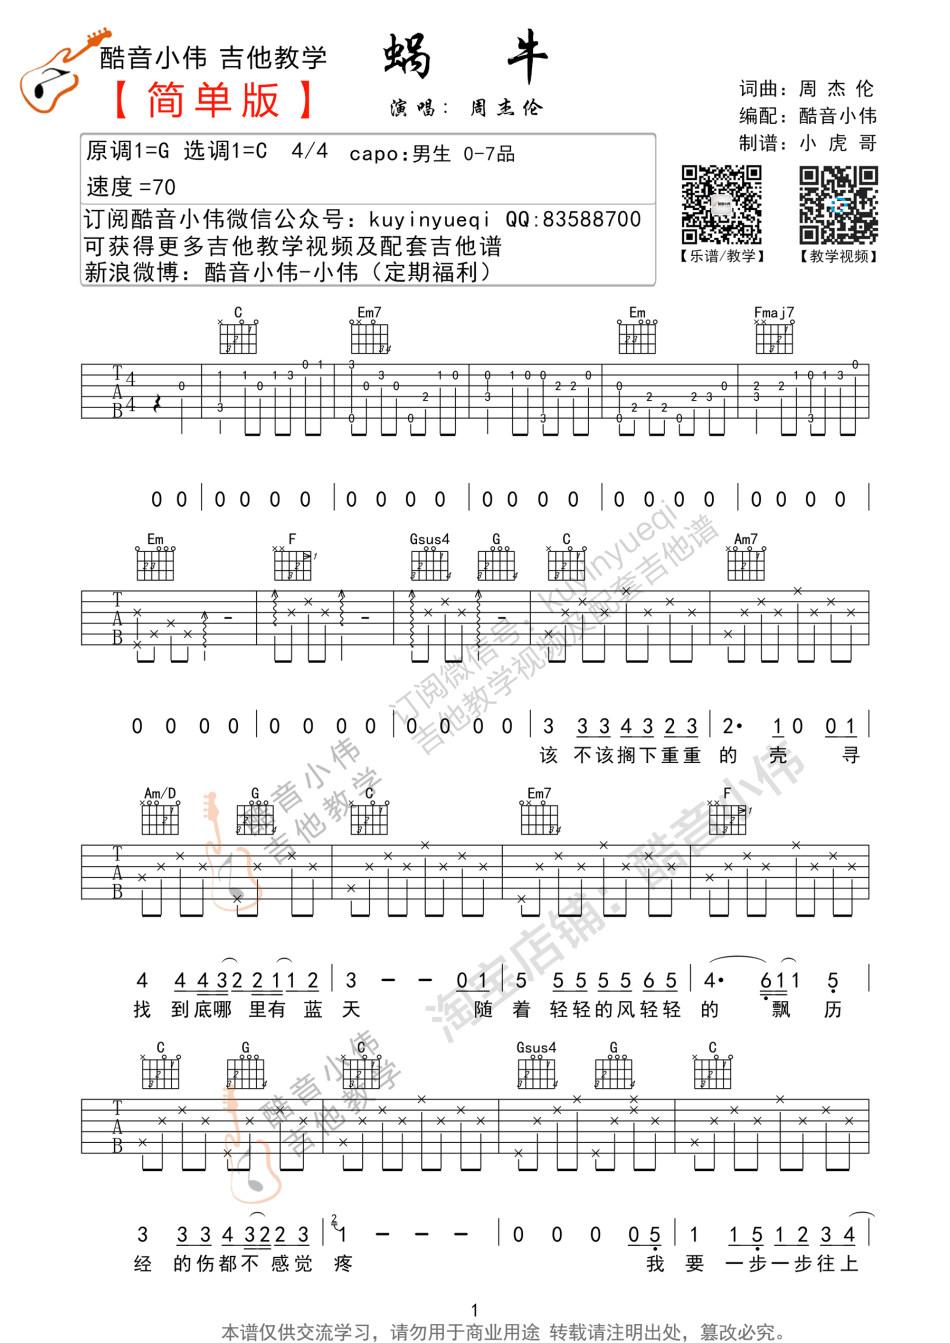 蜗牛(c调简单版) 周杰伦 - 吉他谱(酷音小伟编配)图片